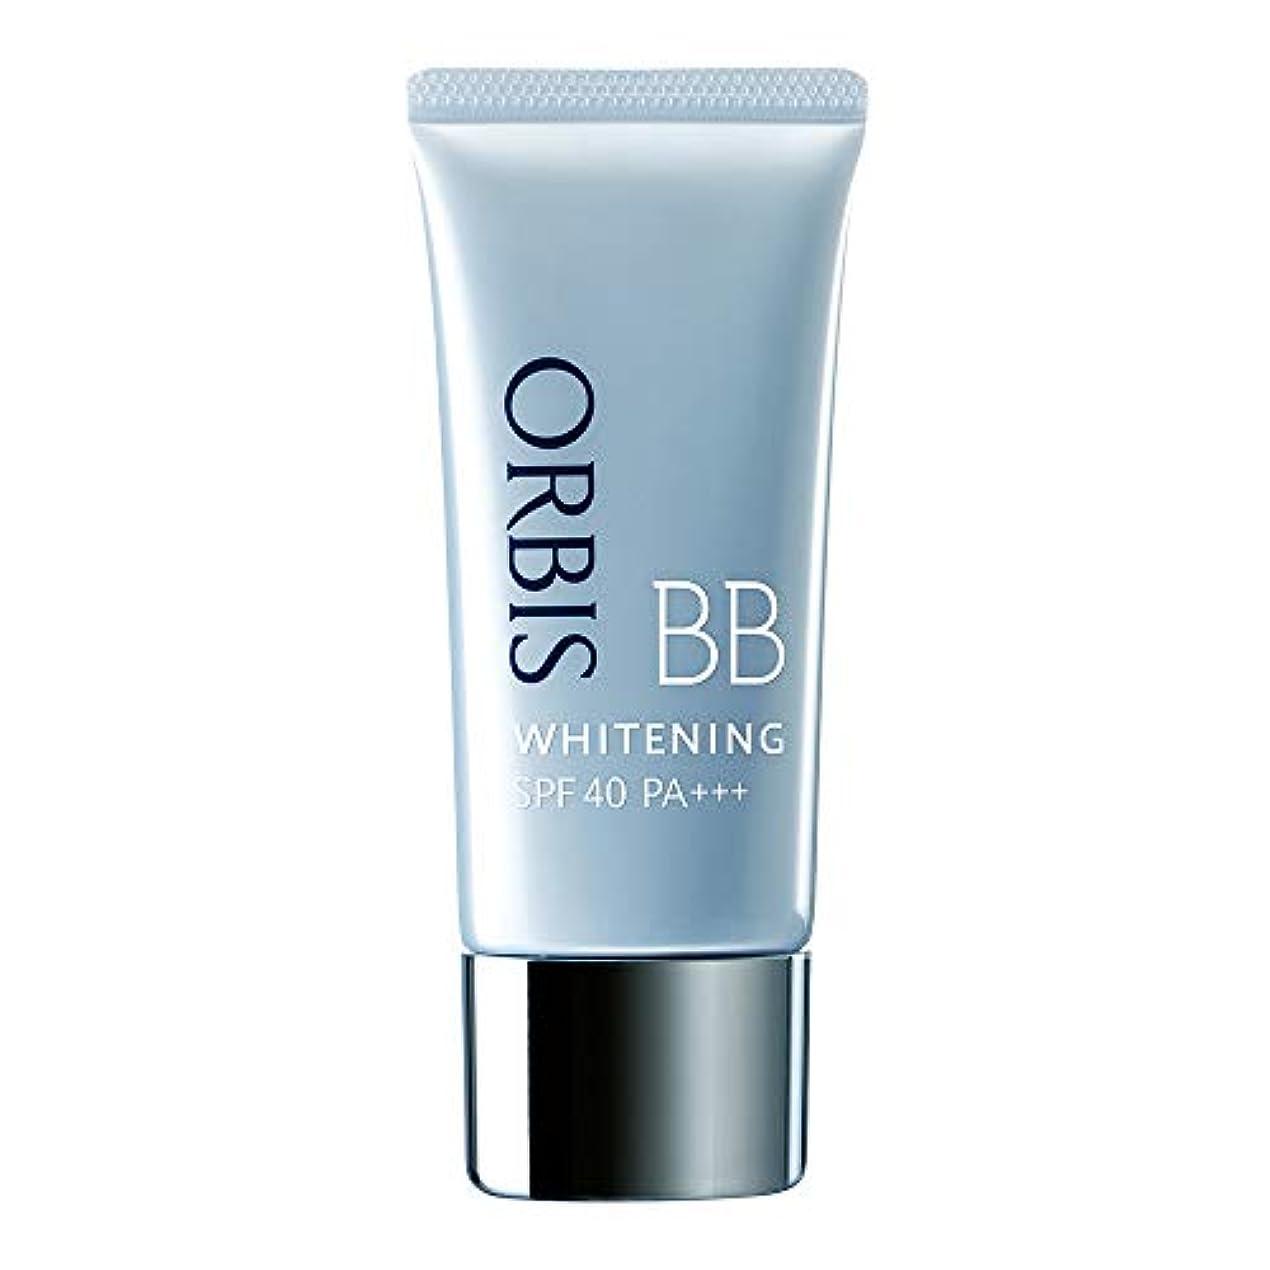 外交問題痛いシリングオルビス(ORBIS) ホワイトニングBB(パフなし)ナチュラル 35g SPF40/PA+++ ◎薬用美白BBクリーム◎ [医薬部外品]